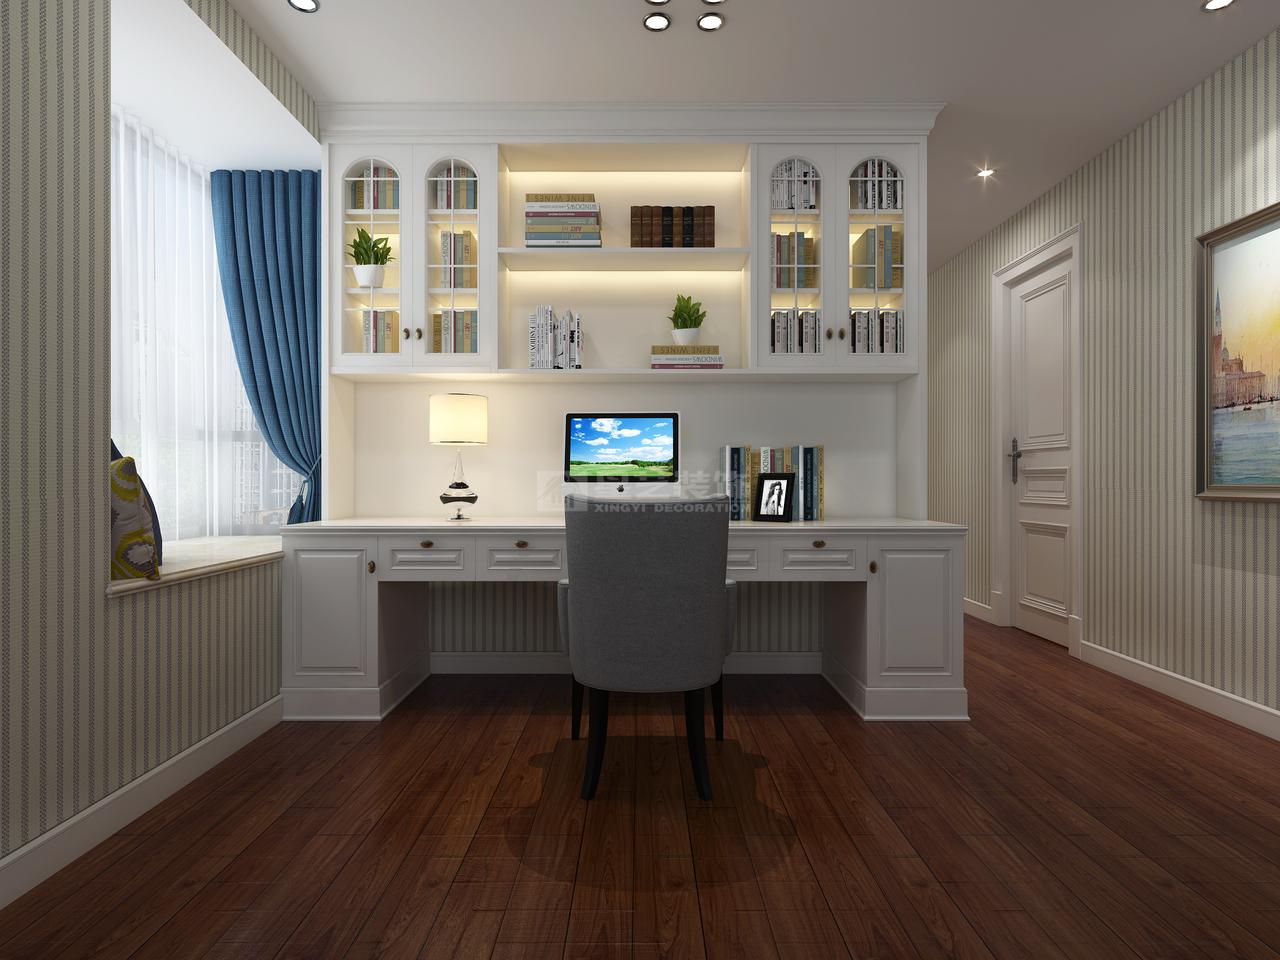 贵阳天誉城意在营造舒适、大方居家氛围的简美式装修效果图,后现代,地中海,别墅,180.0㎡